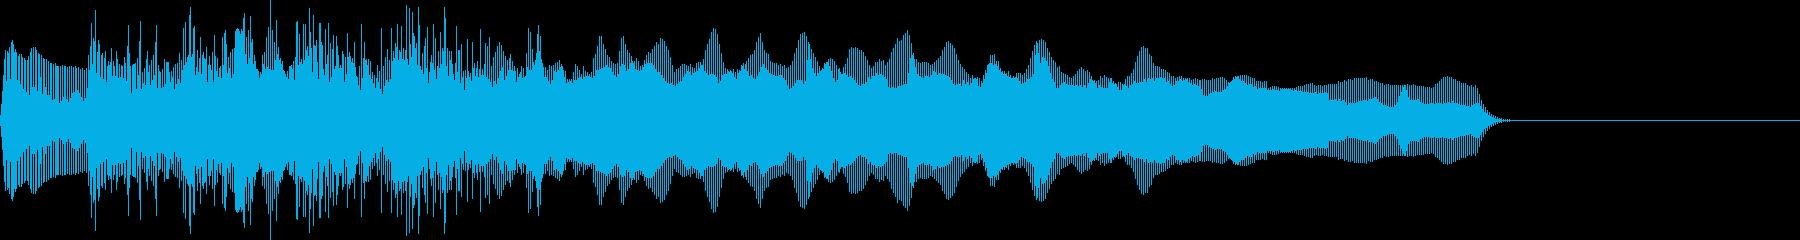 お馴染みのインパクト音!レゲエホーン5回の再生済みの波形